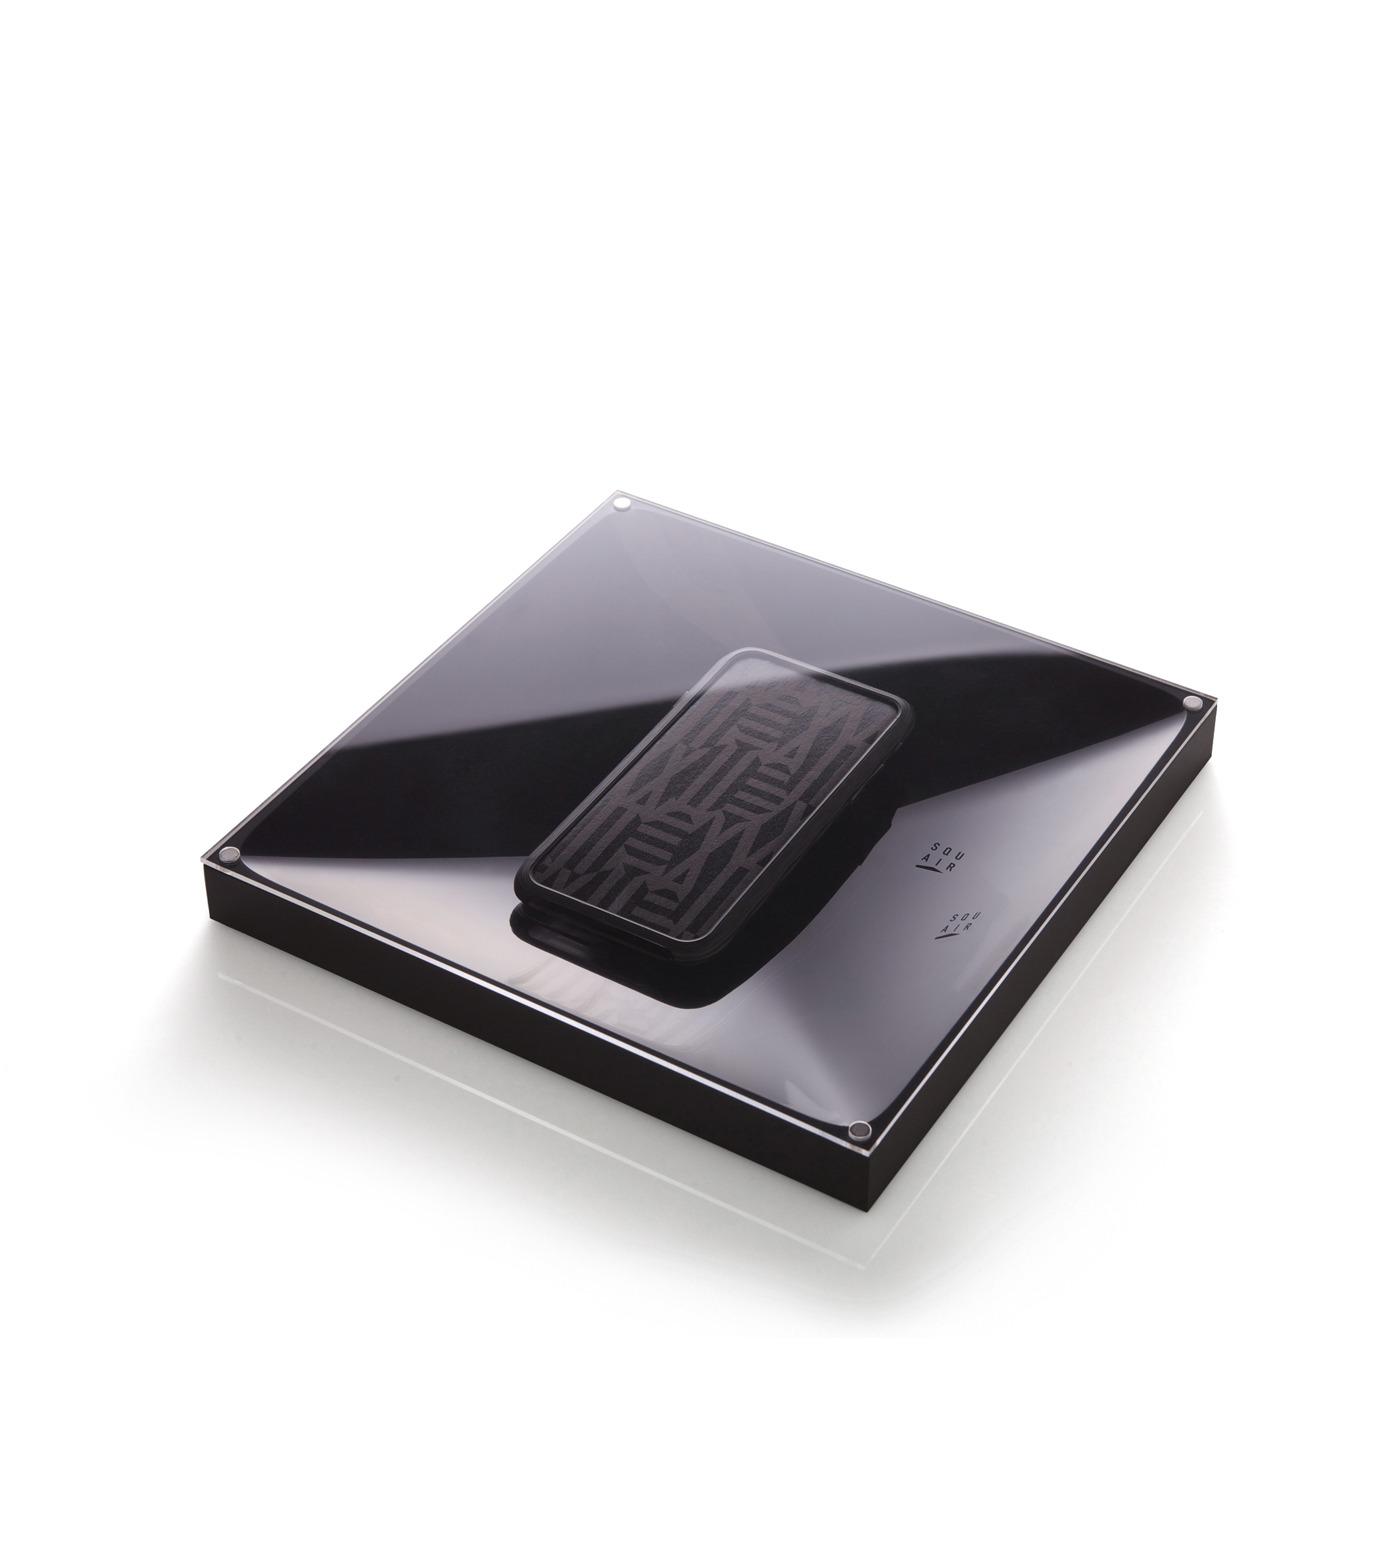 SQUAIR(スクエア)のThe Dimple for iPhone6s plus-GOLD(ケースiphone6plus/6splus/case iphone6plus/6splus)-SQDMP630-GLD-2 拡大詳細画像6